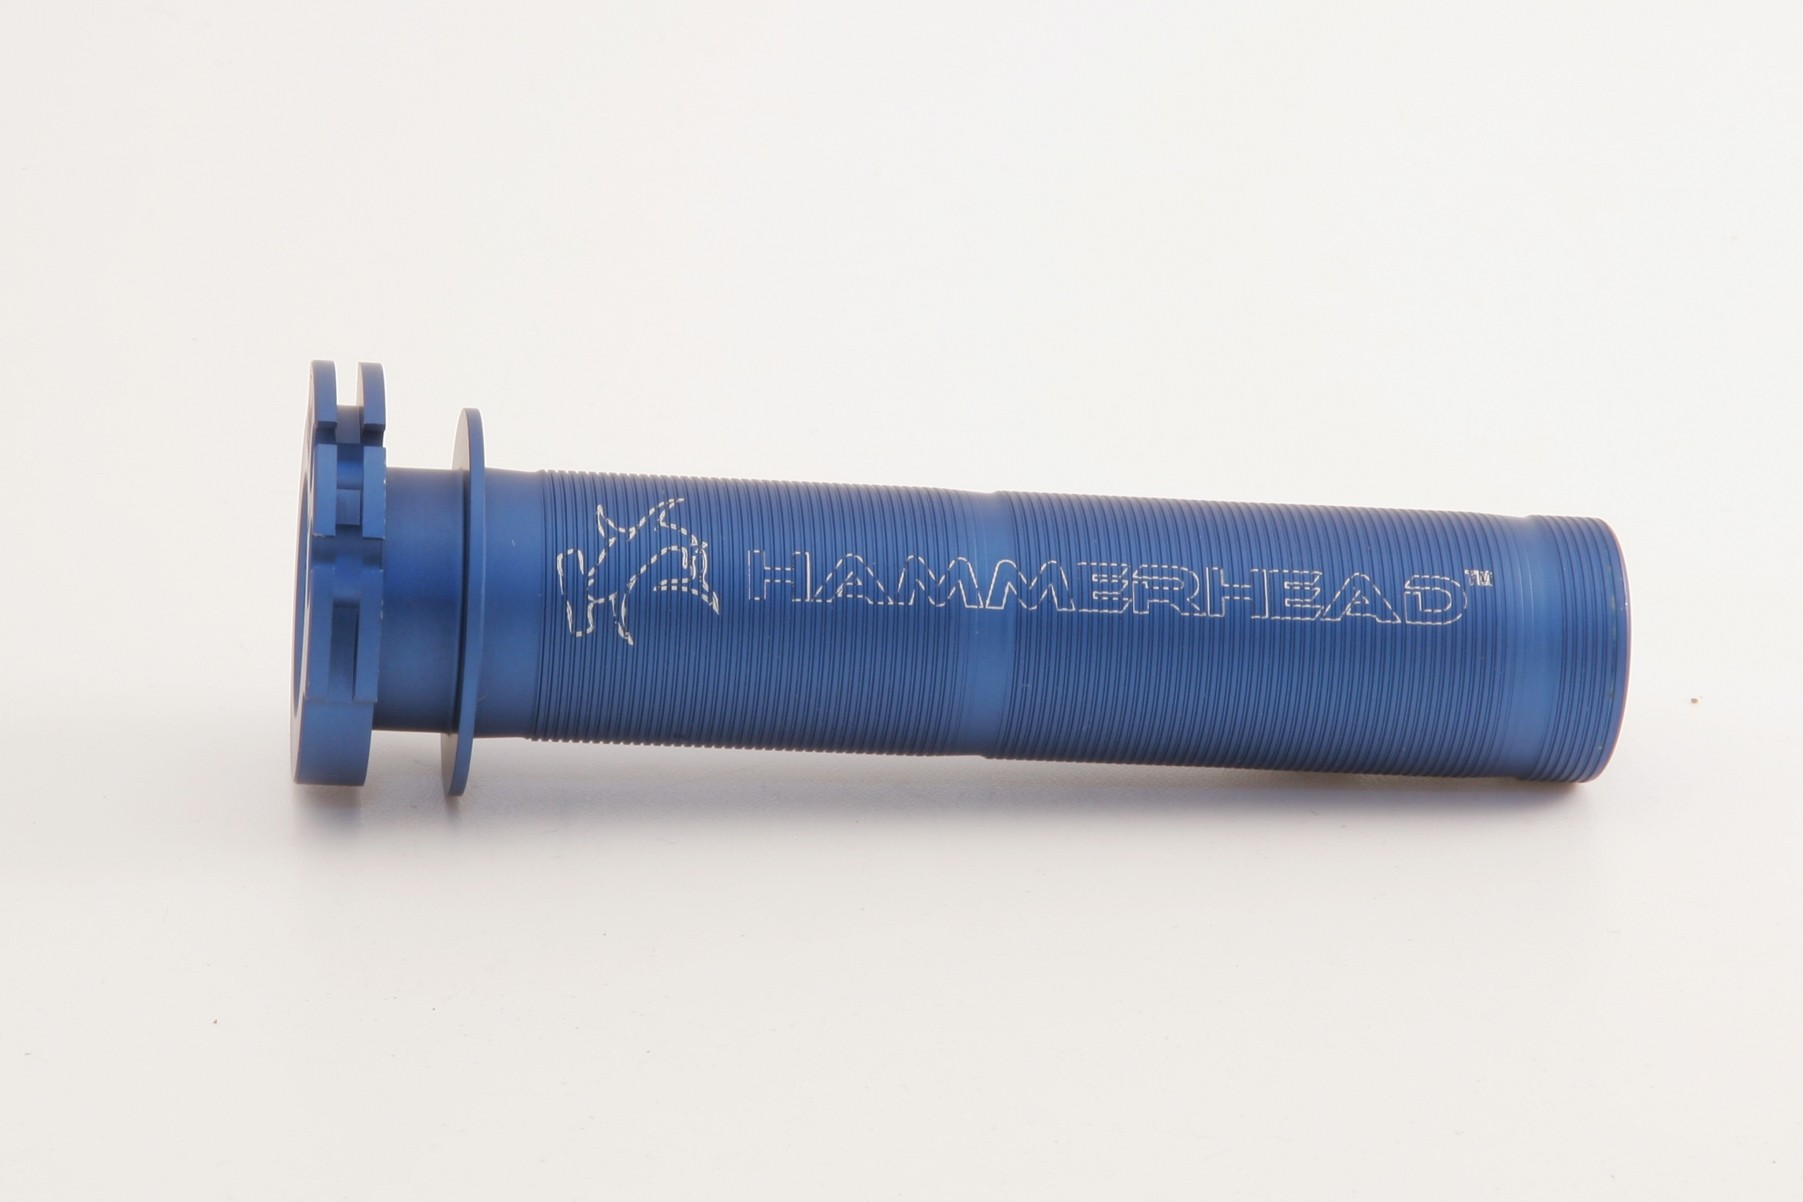 Kawasaki/Suzuki/Yamaha 4-Stroke Throttle Tube